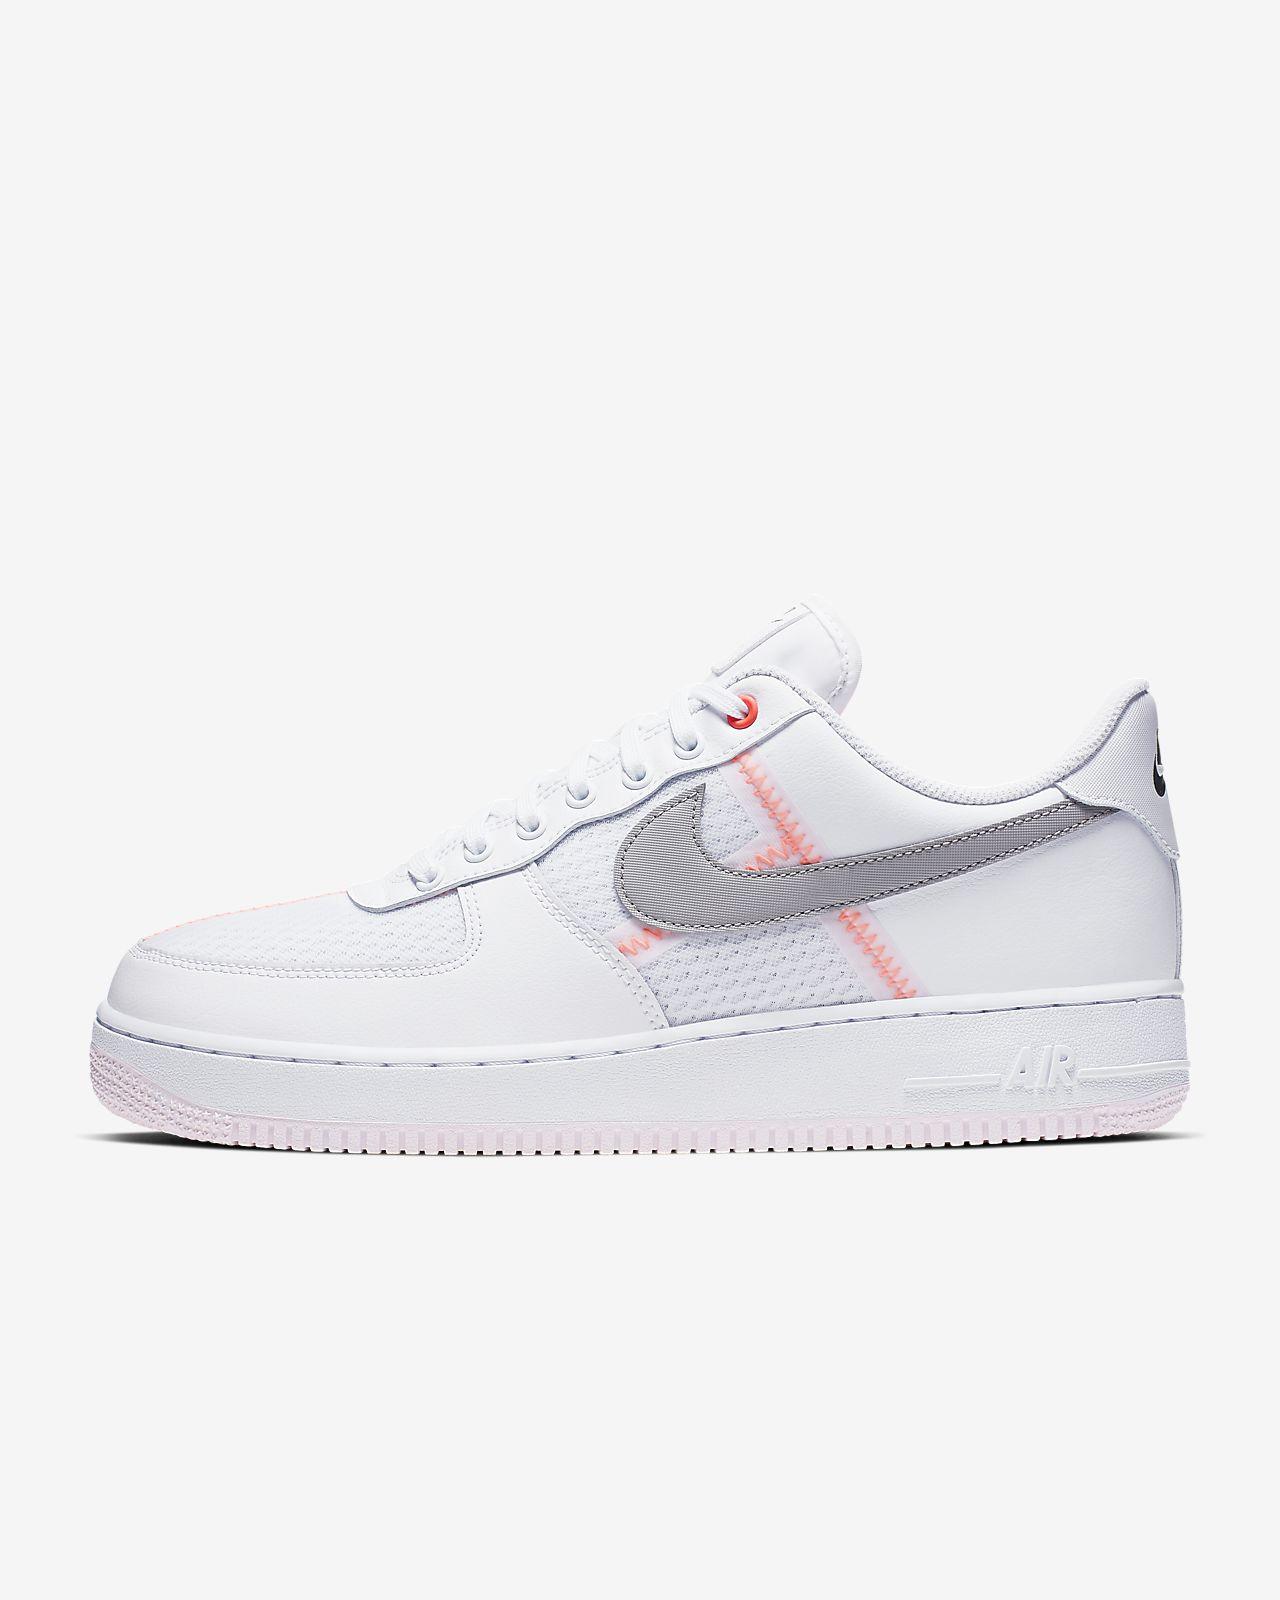 Sko Nike Air Force 1 '07 LV8 för män